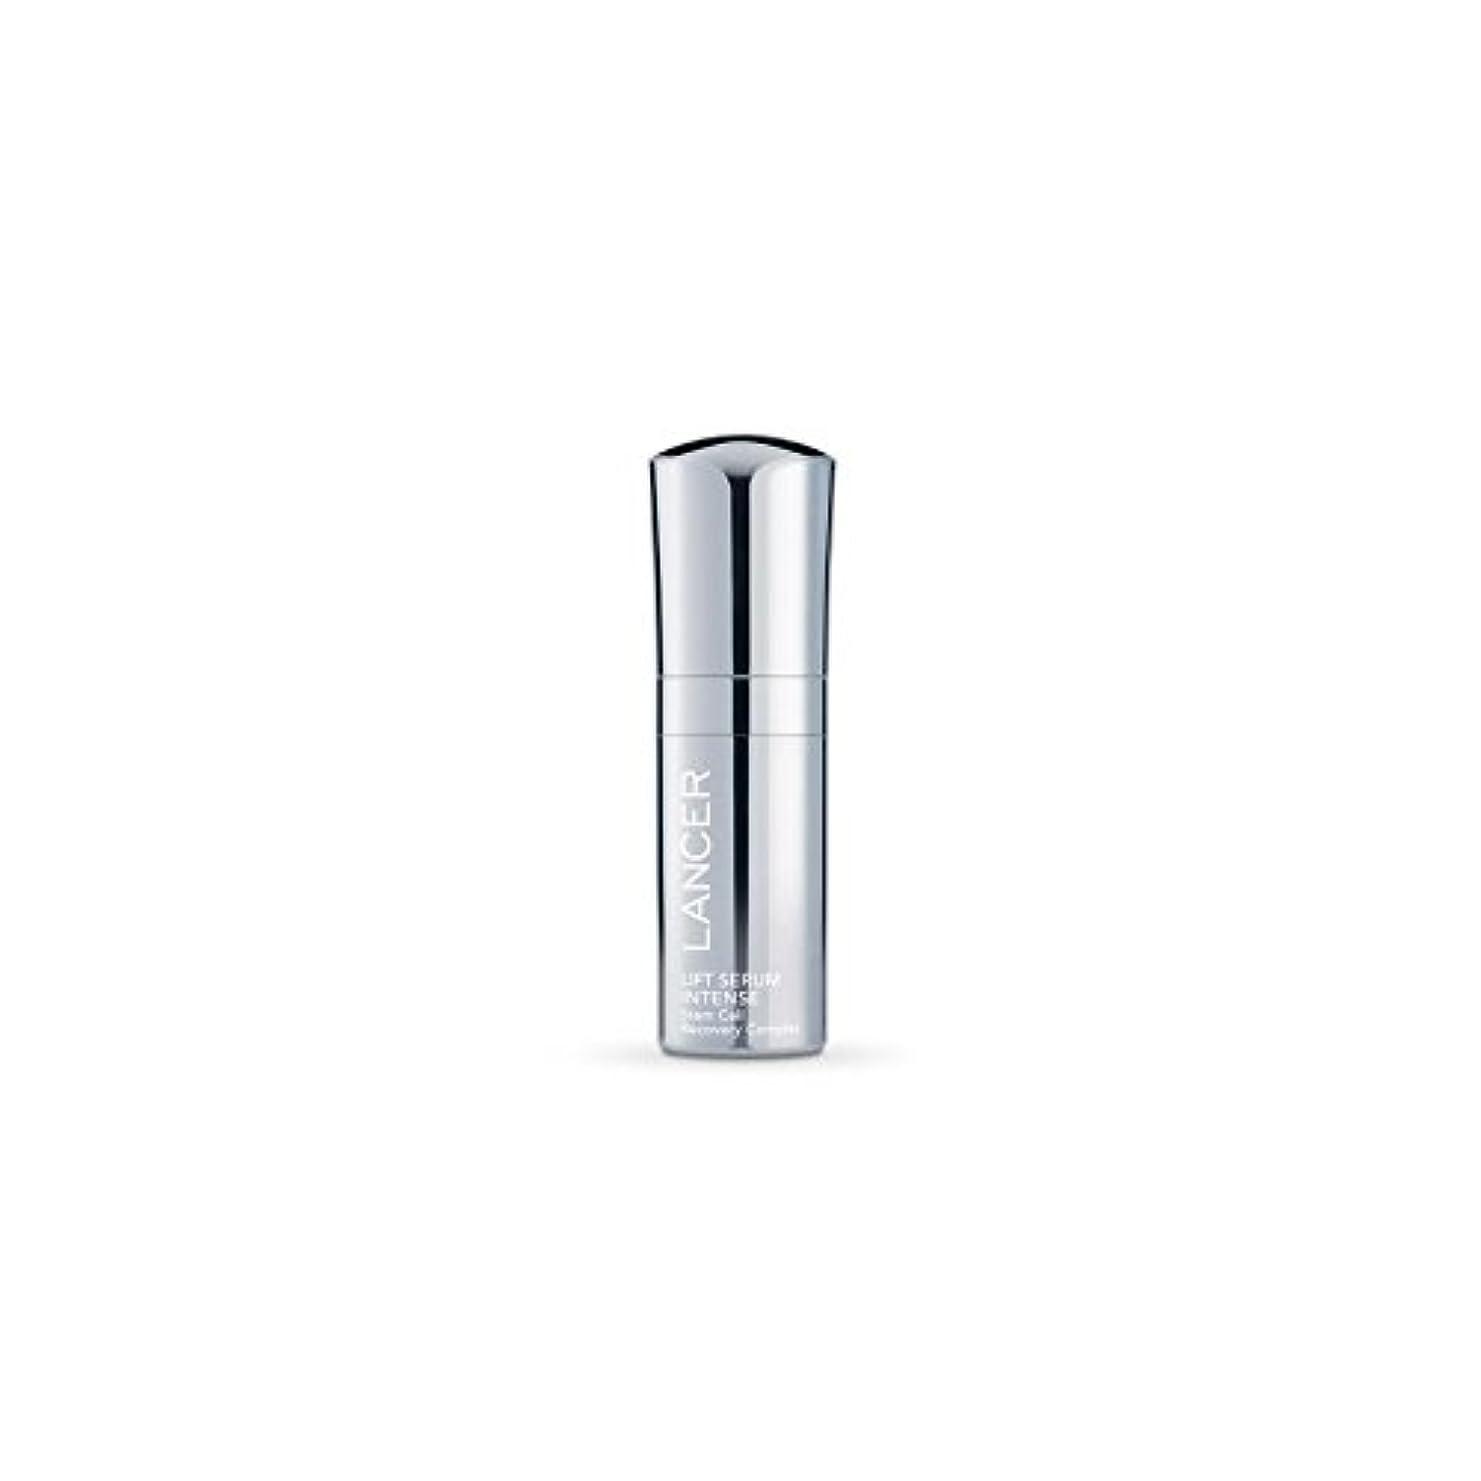 接続されたくさび選択強烈ランサースキンケアリフト血清(30ミリリットル) x2 - Lancer Skincare Lift Serum Intense (30ml) (Pack of 2) [並行輸入品]